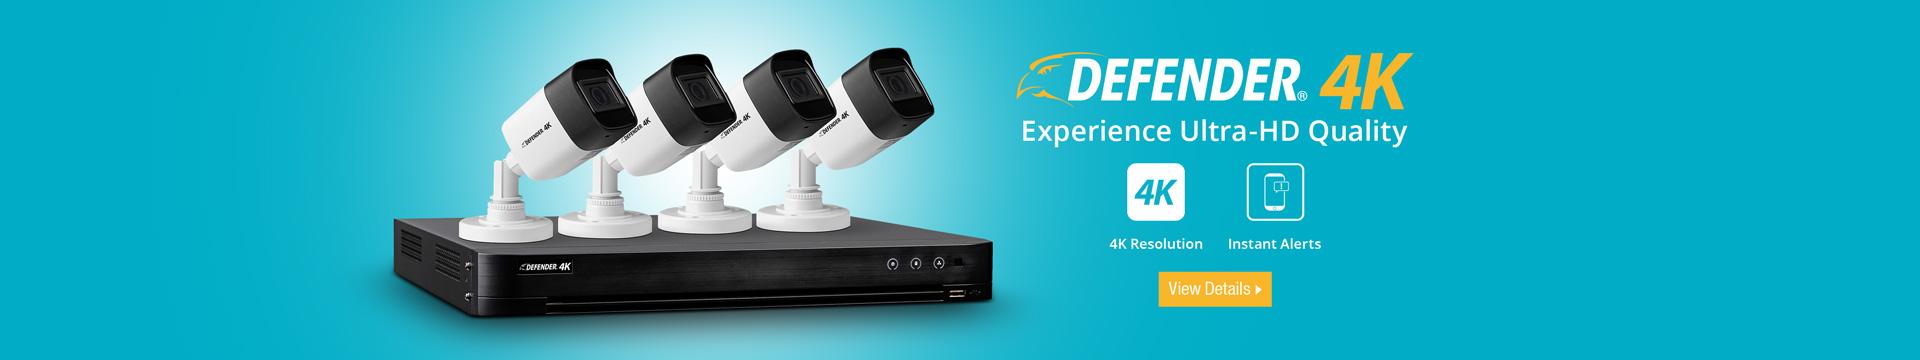 Security Cameras and Surveillance - Newegg com